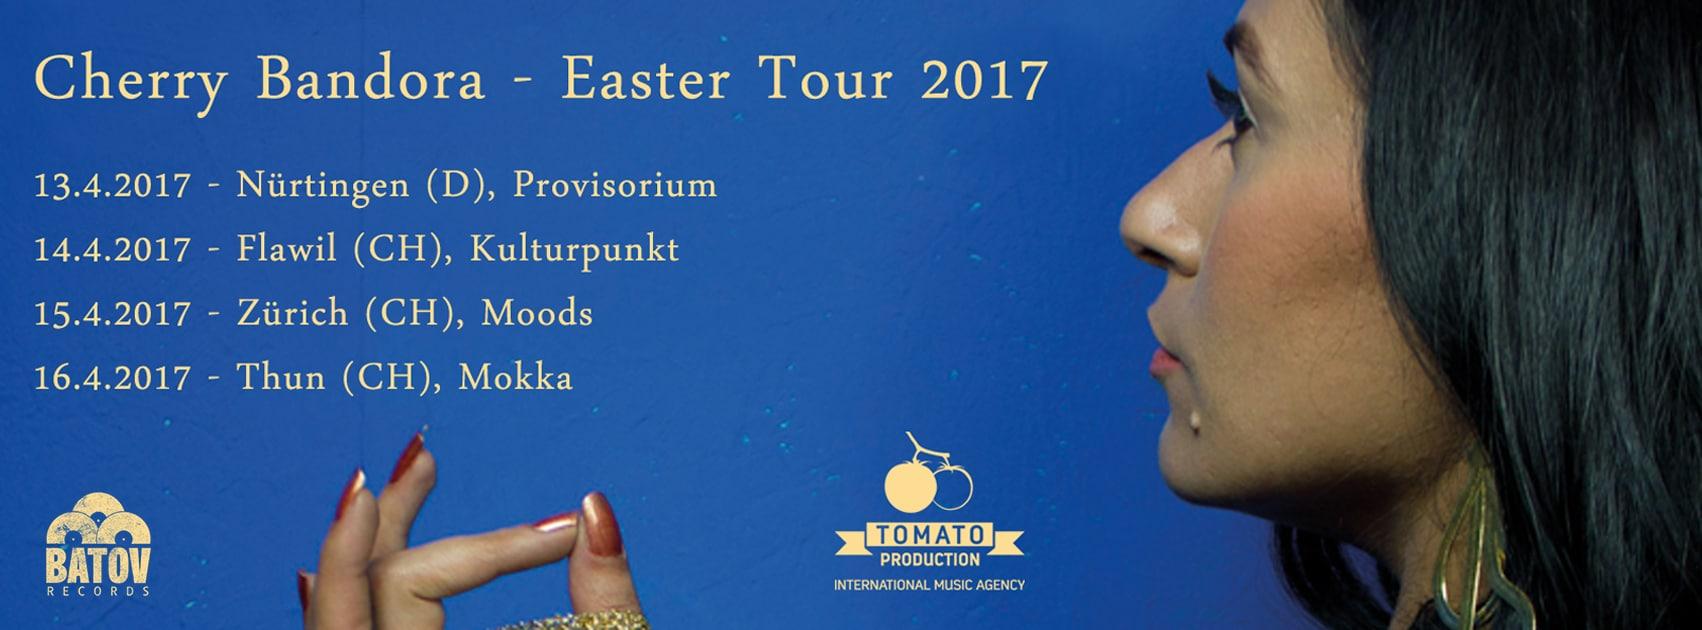 Cherry-Bandora-CH-tour-2017